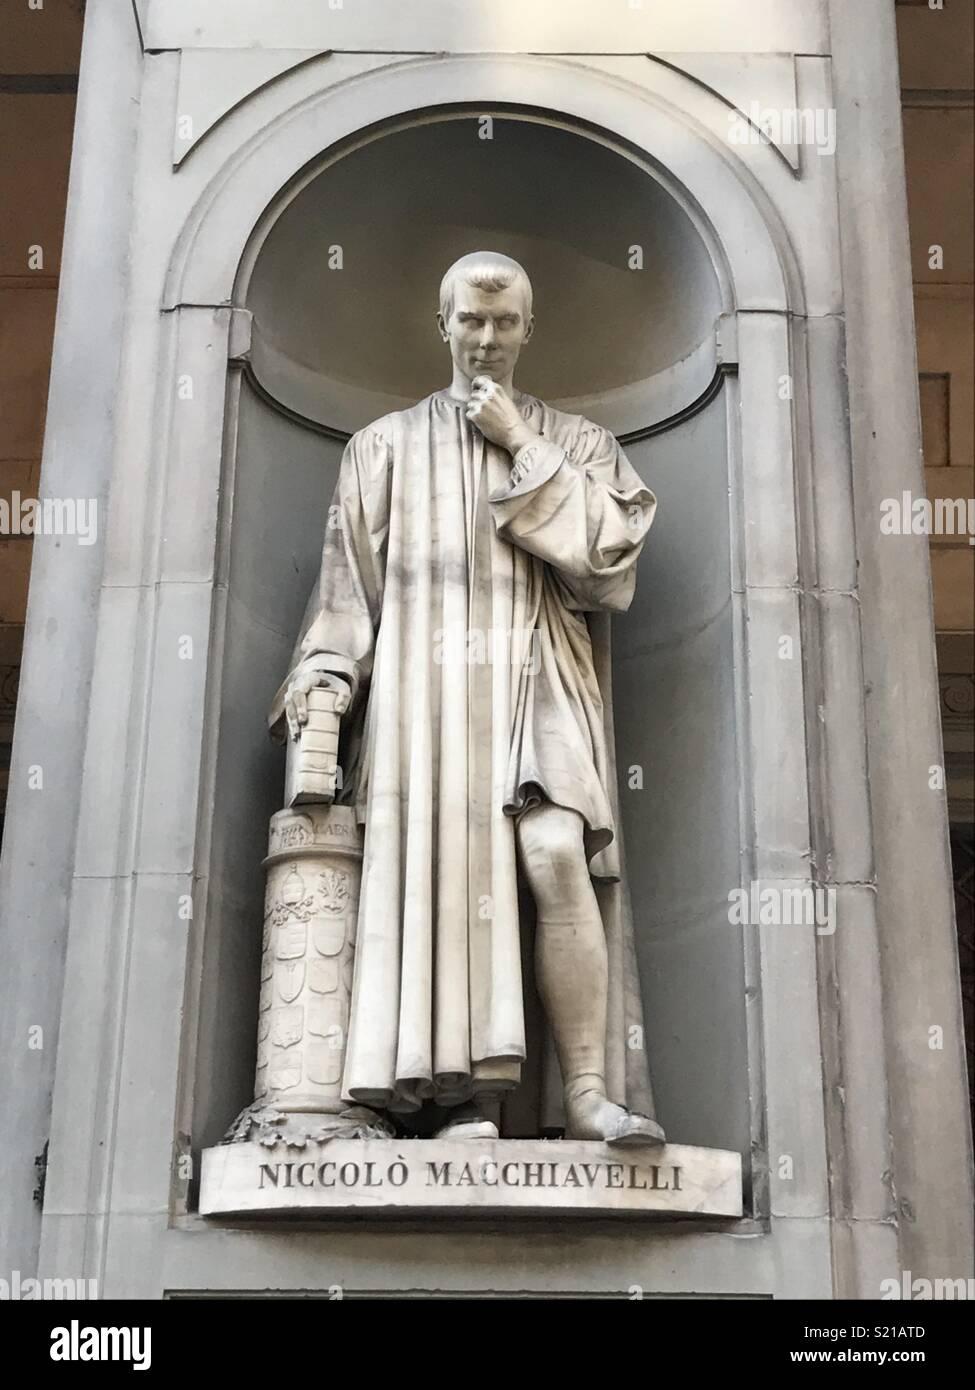 Statue auf Niccolo Machiavelli in der Galleria dell'Accademia in Florenz  Stockfotografie - Alamy